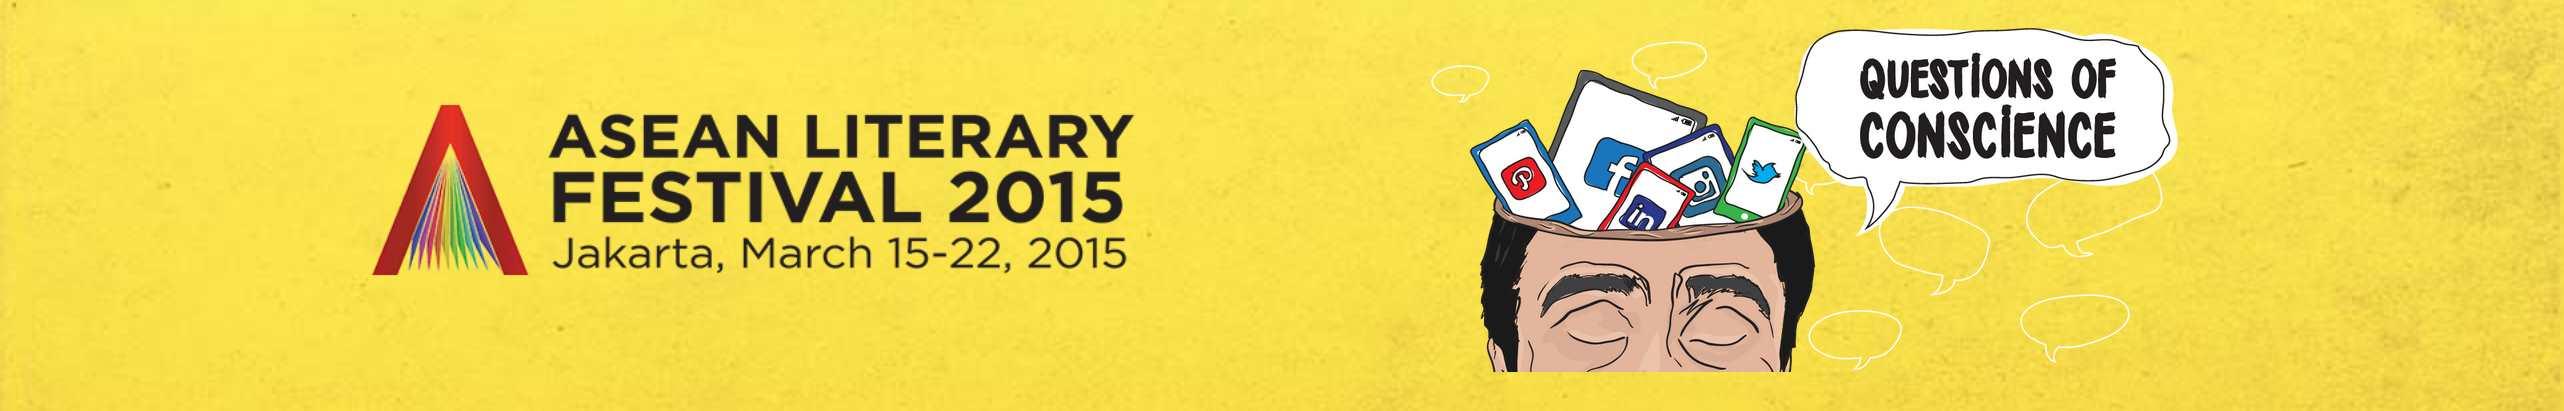 ASEA-Literary-Festival